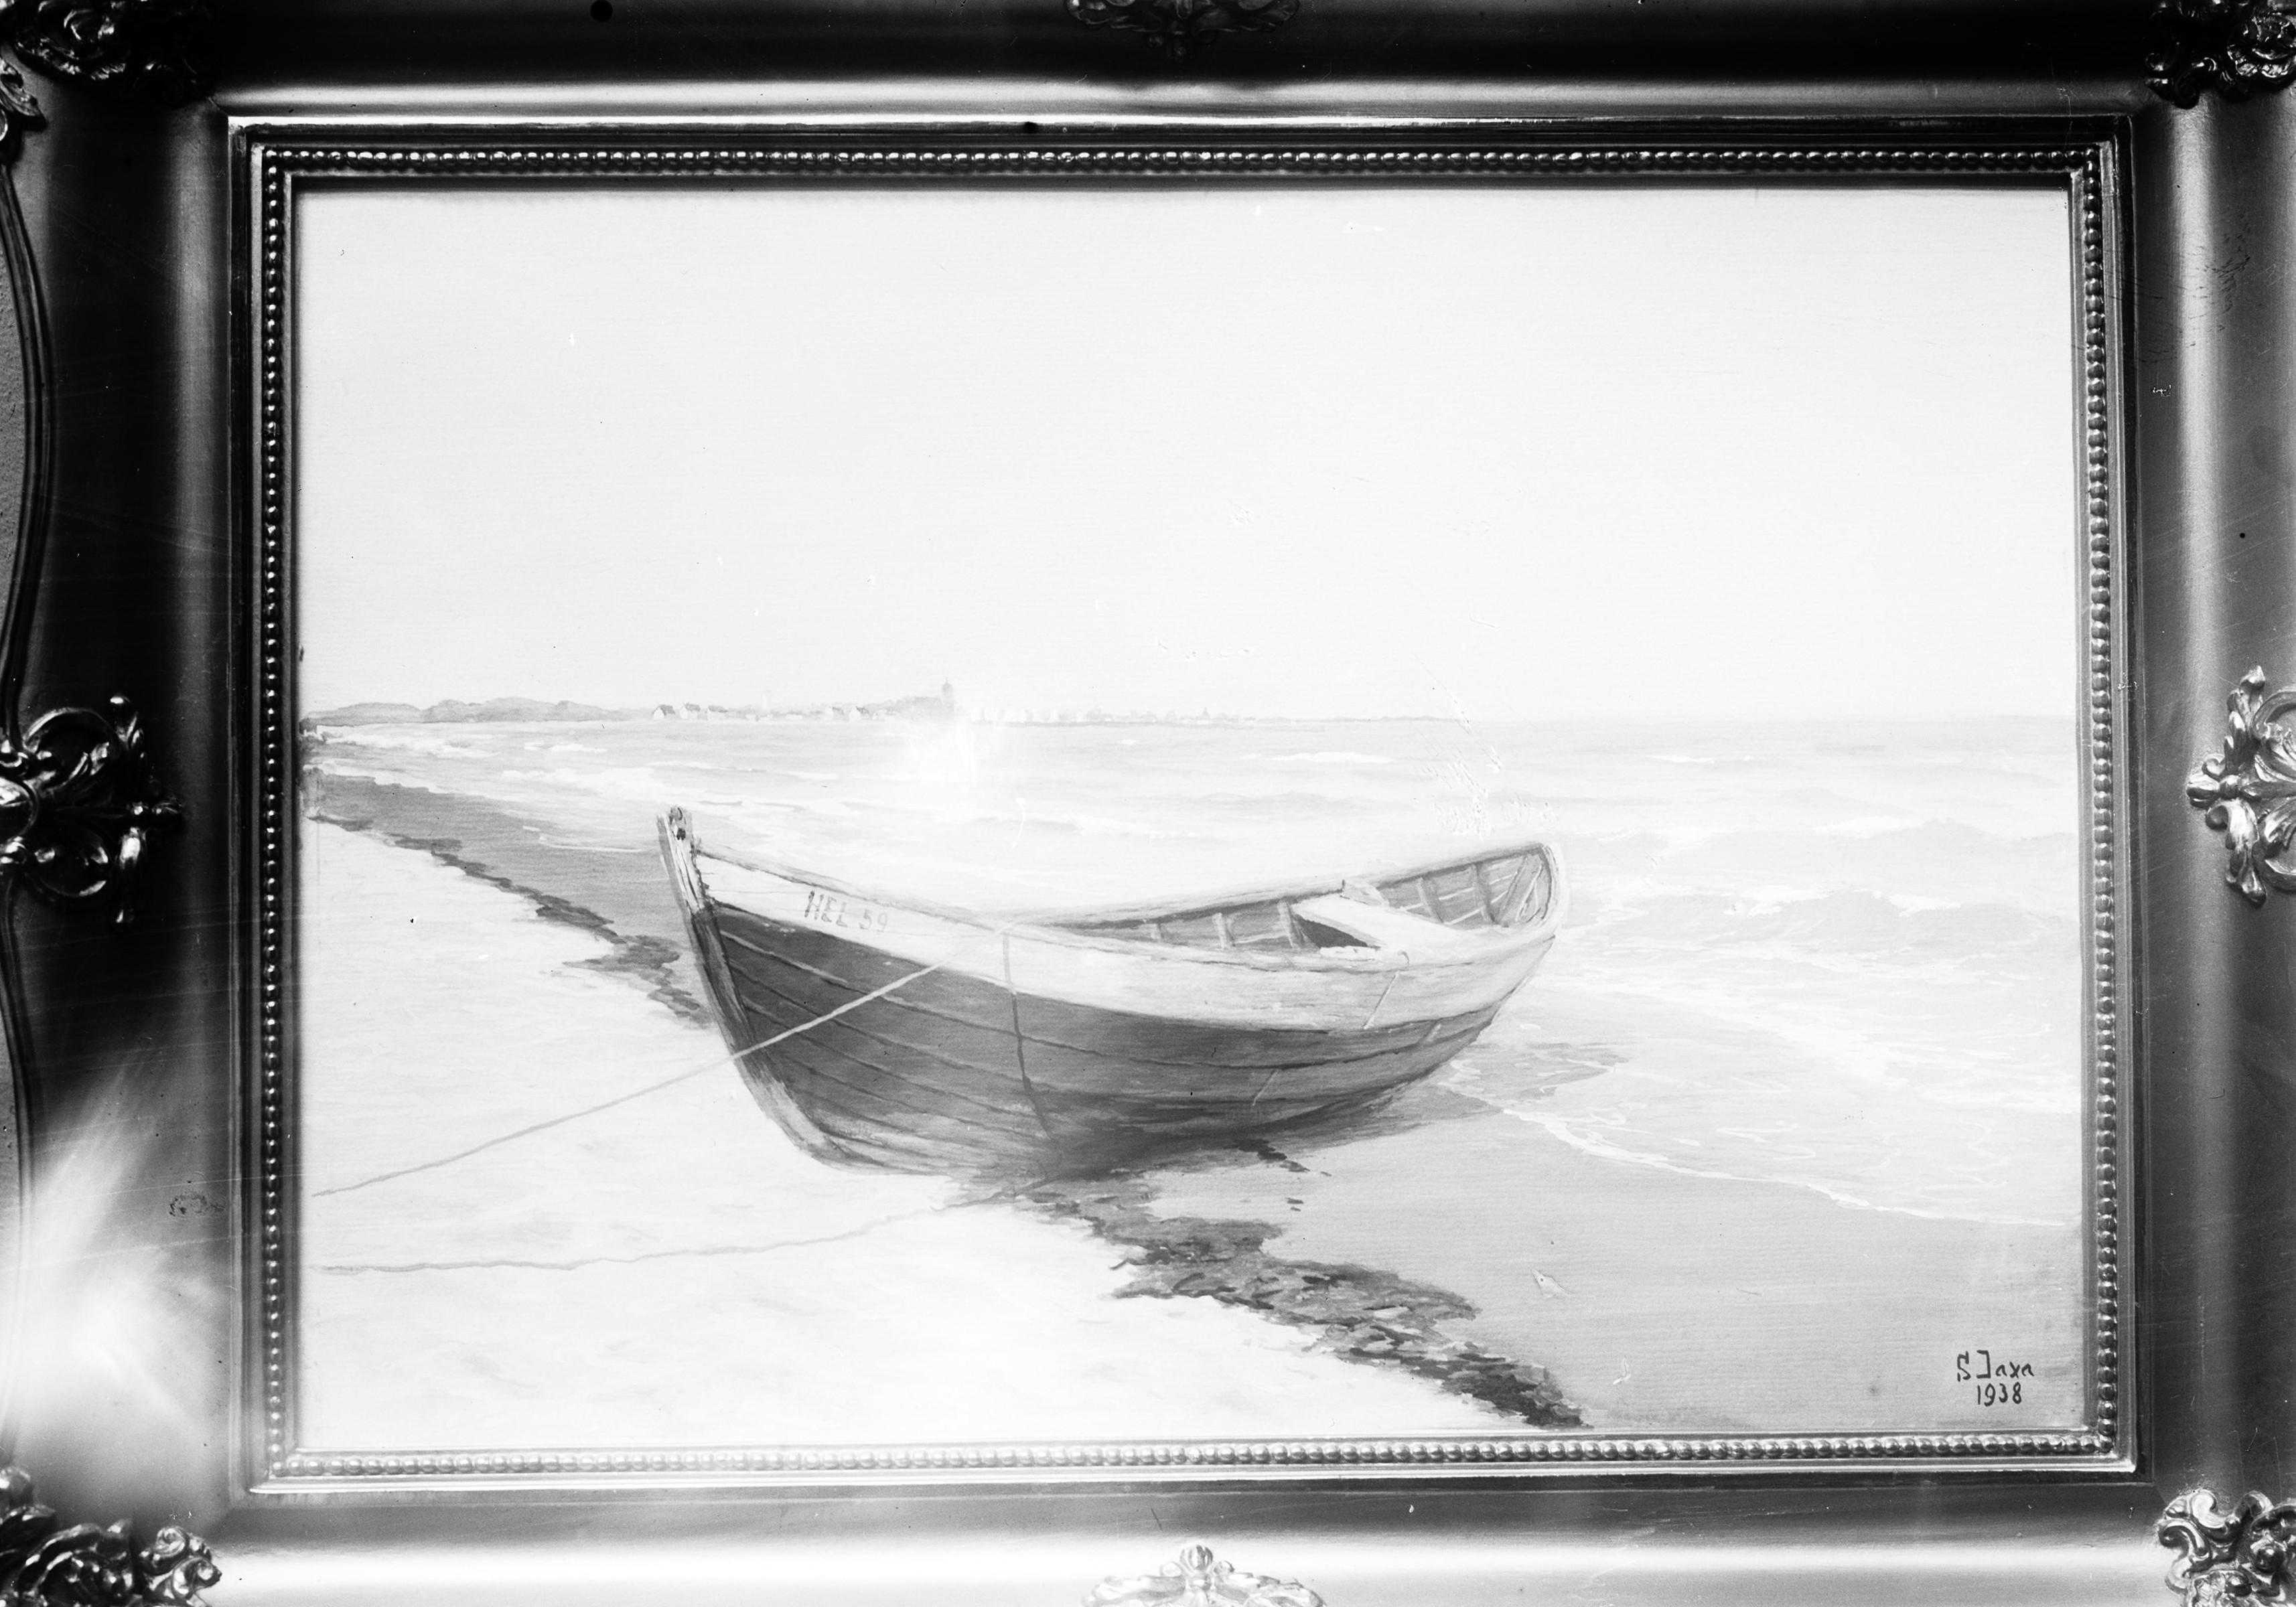 Obraz Sotera Jaxy-Małachowskiego na wystawie w TPSP w Krakowie, 1938 rok, źródło: Narodowe Archiwum Cyfrowe